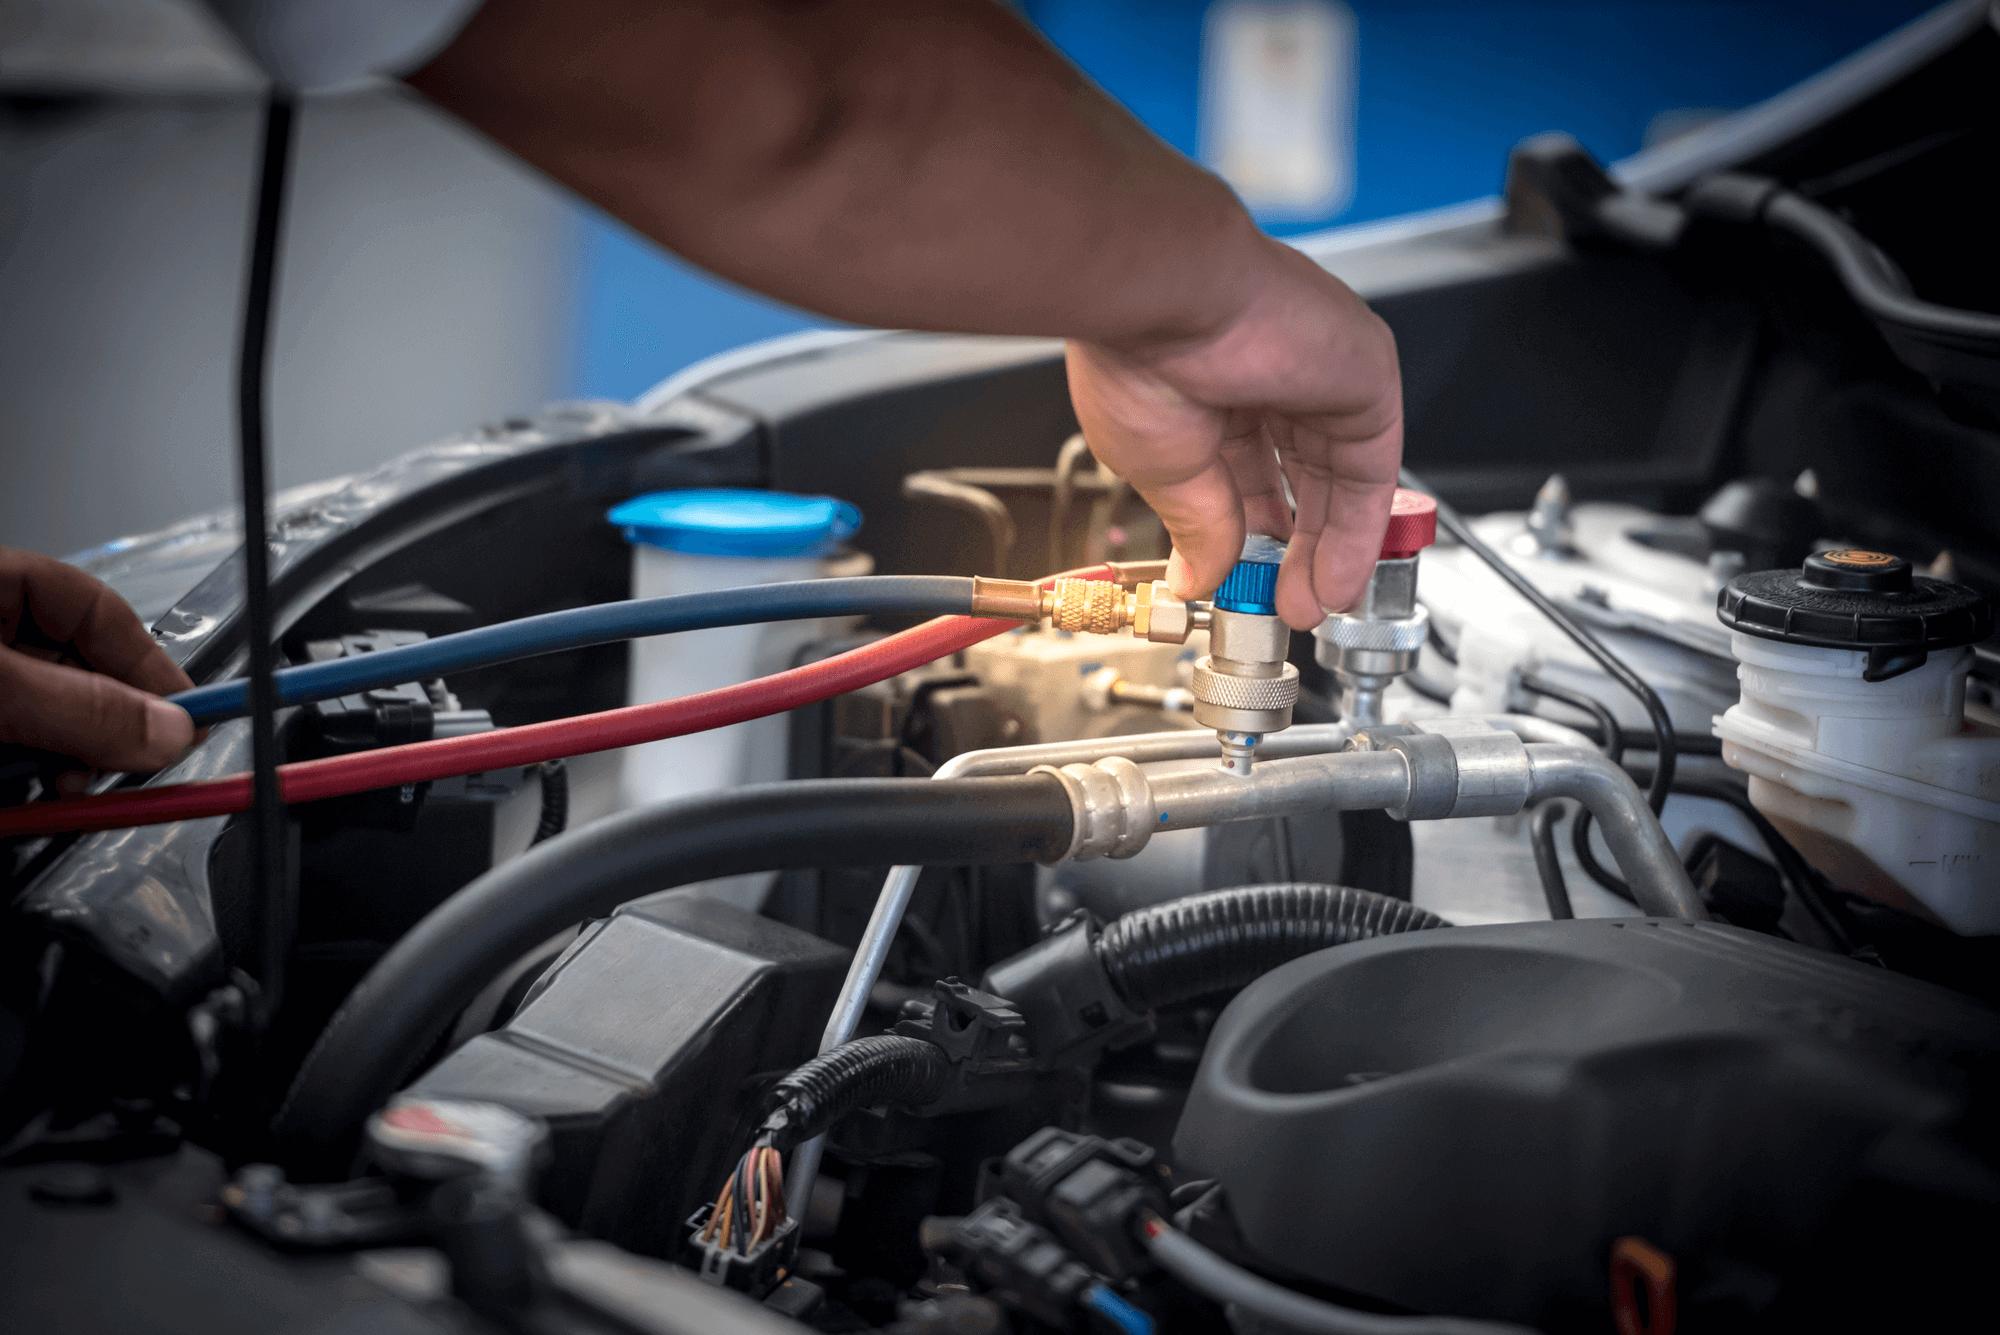 plnenie klimatizácie v aute